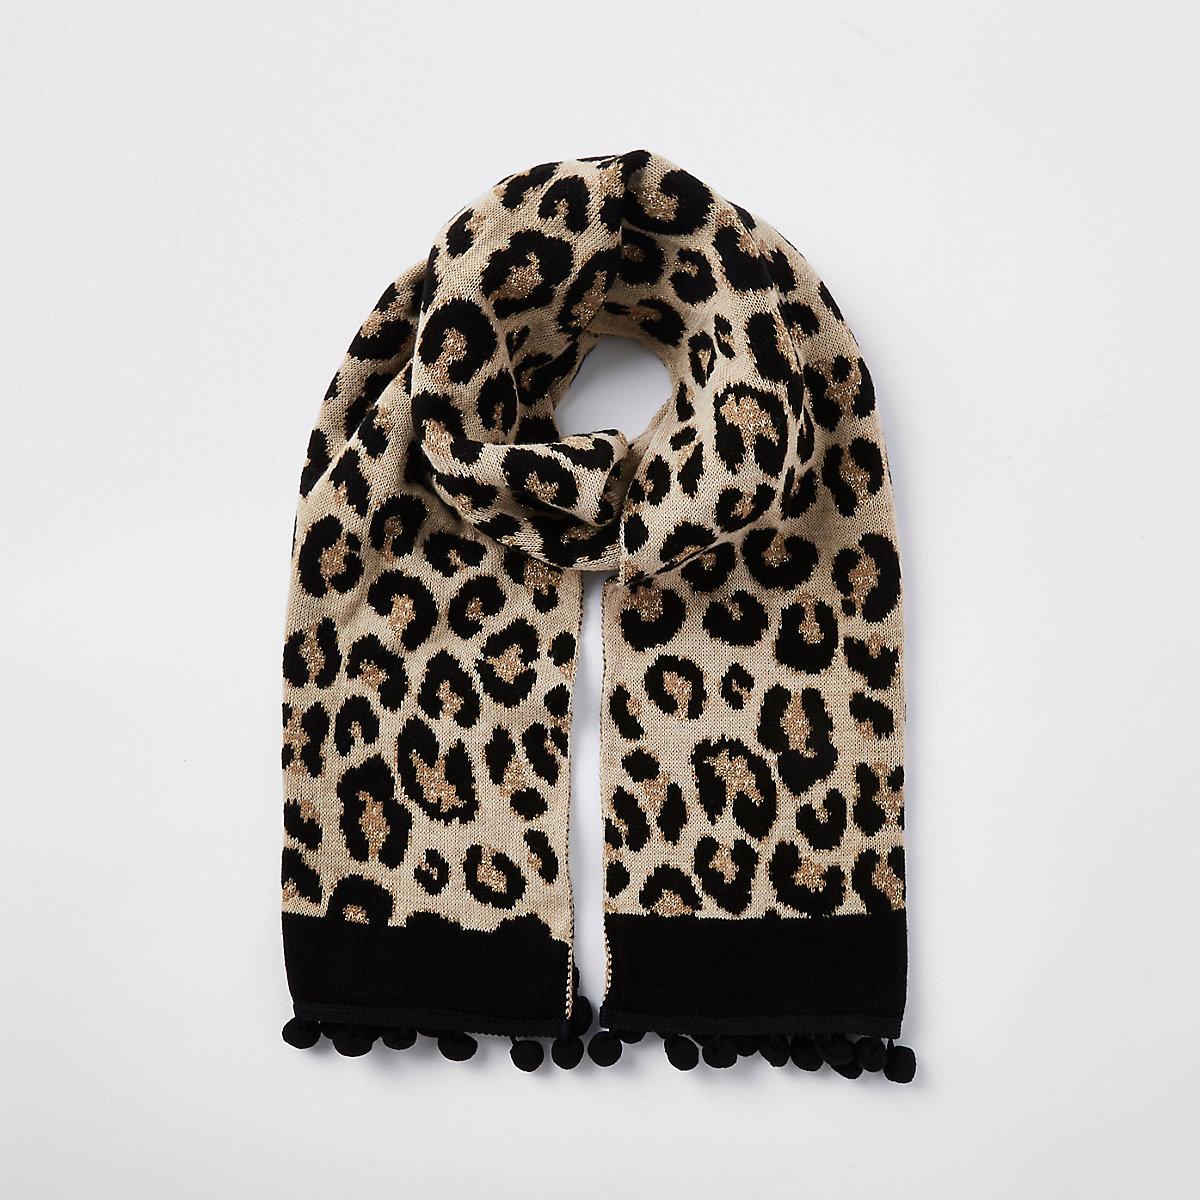 69f95e0fe50 Écharpe imprimé léopard marron à pompons pour fille - Écharpes ...